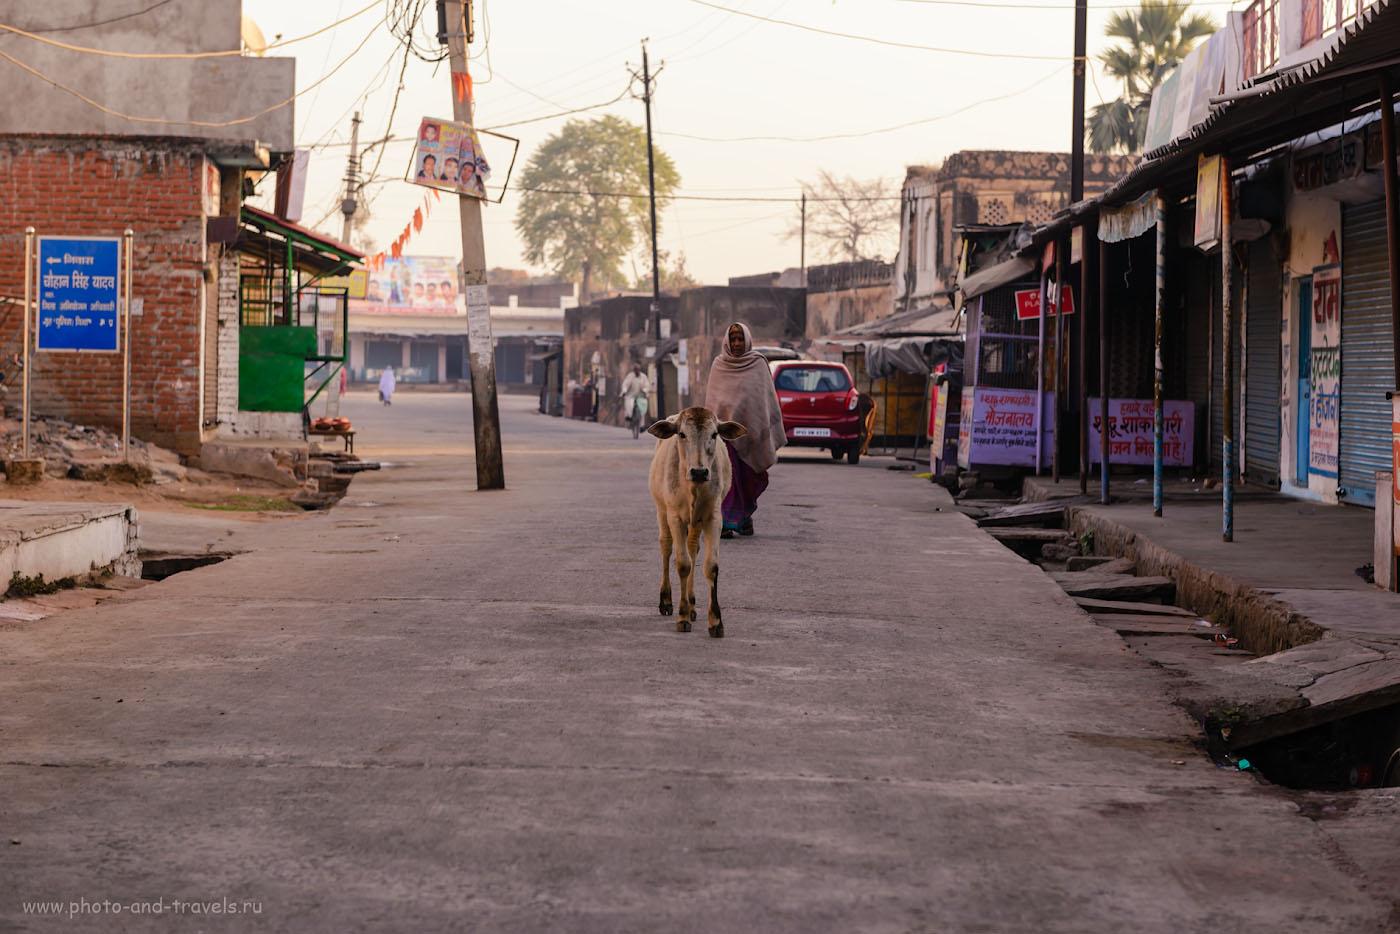 Фото 1. Утро в Орчхе. Отчеты туристов о путешествии по Индии самостоятельно. Фотоаппарат Nikon D610, объектив Nikon 24-70mm f/2,8. Параметры съемки: выдержка 1/200, экспокоррекция -0.67EV, f/4.5, ISO 100, ФР=70 мм.